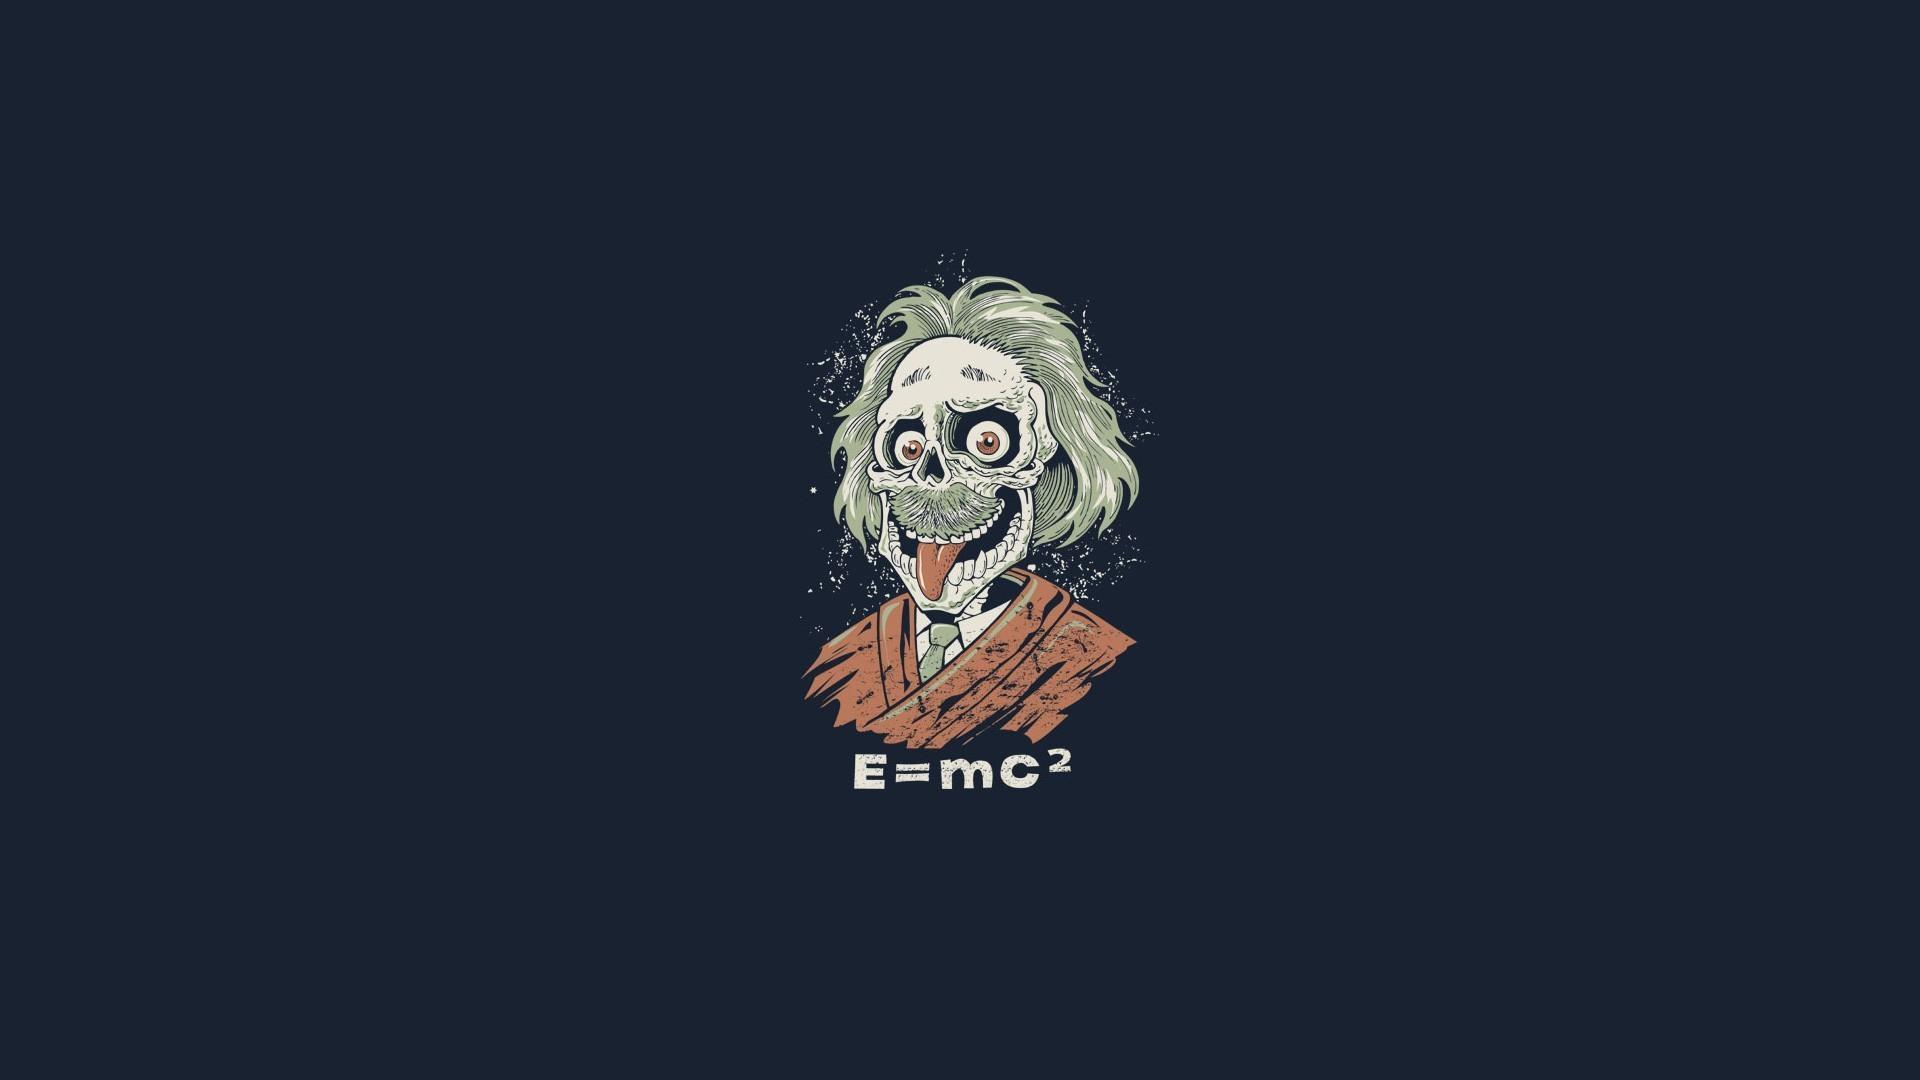 zombie wallpaper von planet - photo #5